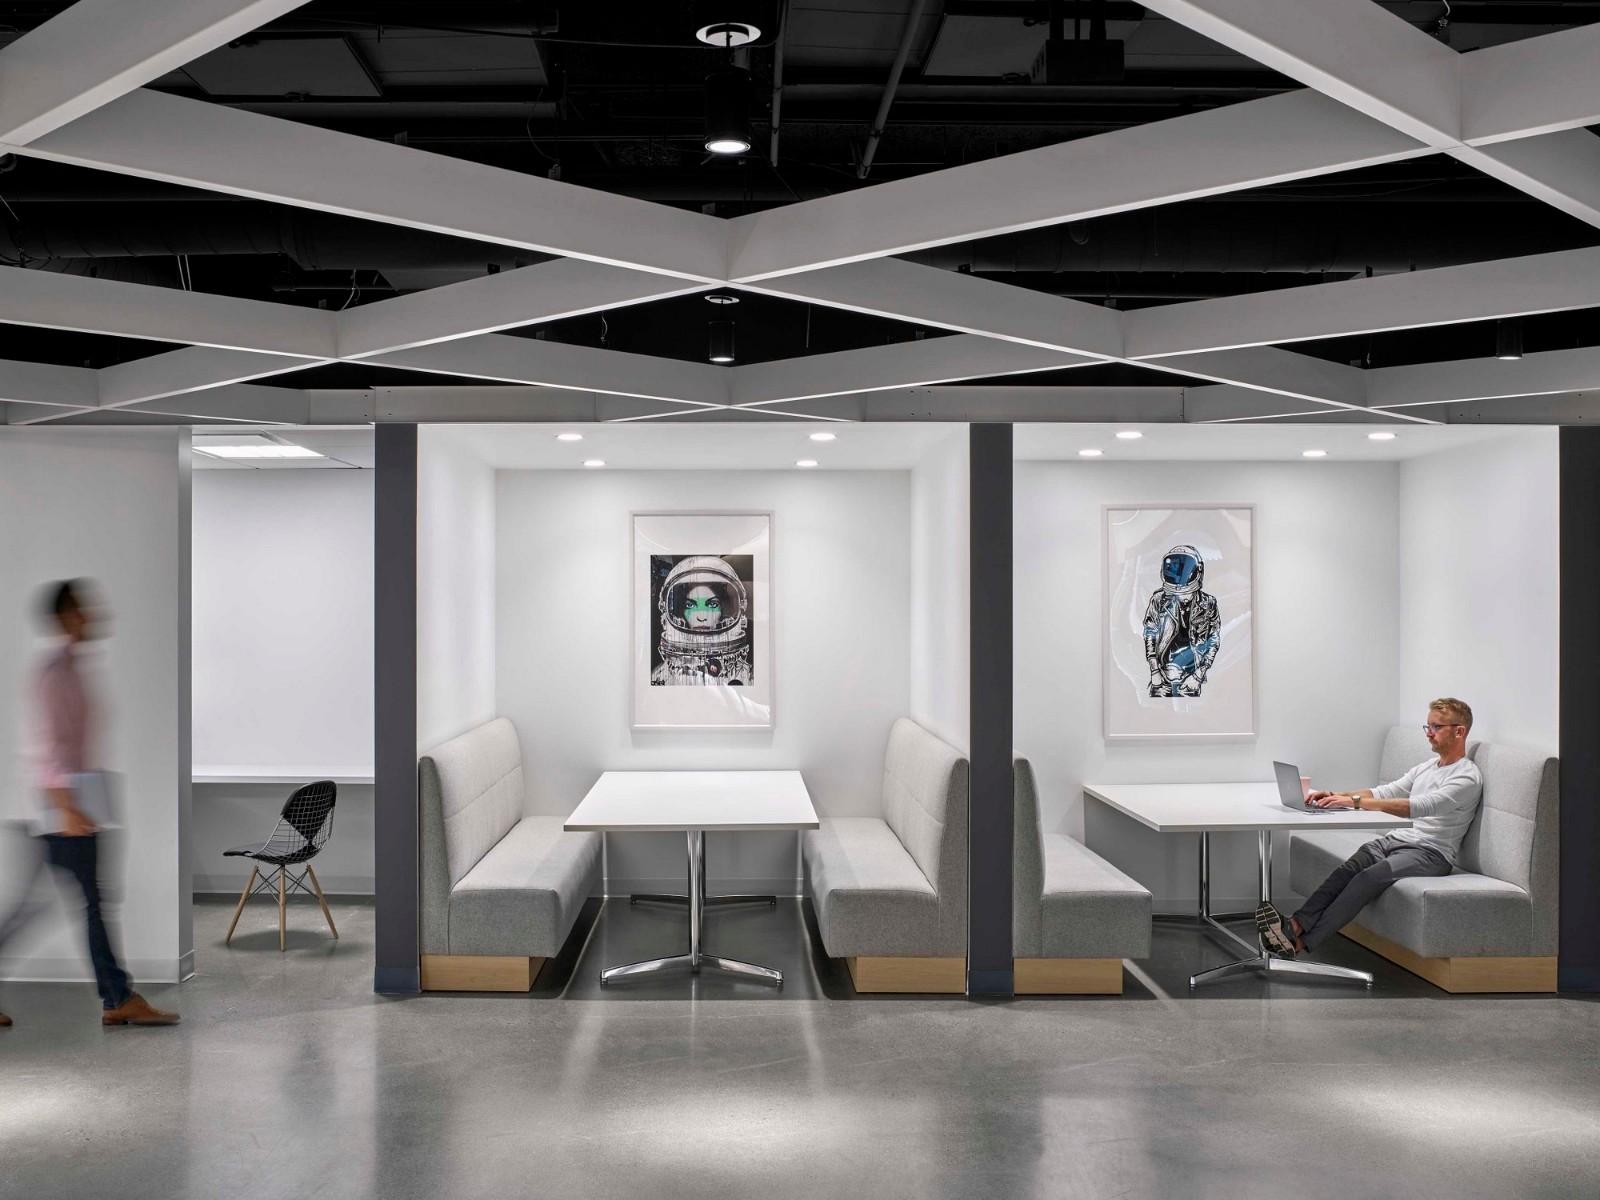 开放与优雅,旧金山Mapbox办公空间 | Revel Architecture & Design插图8